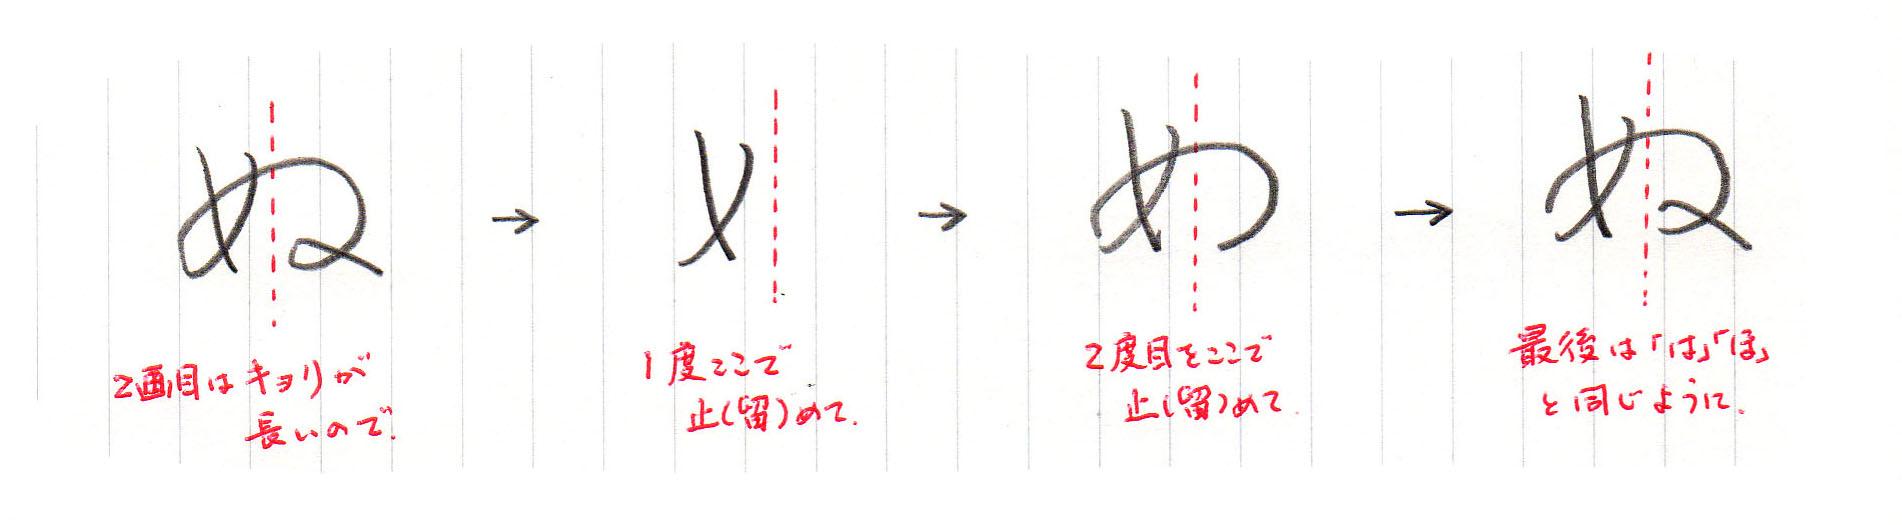 「ぬ」2画目の書き方